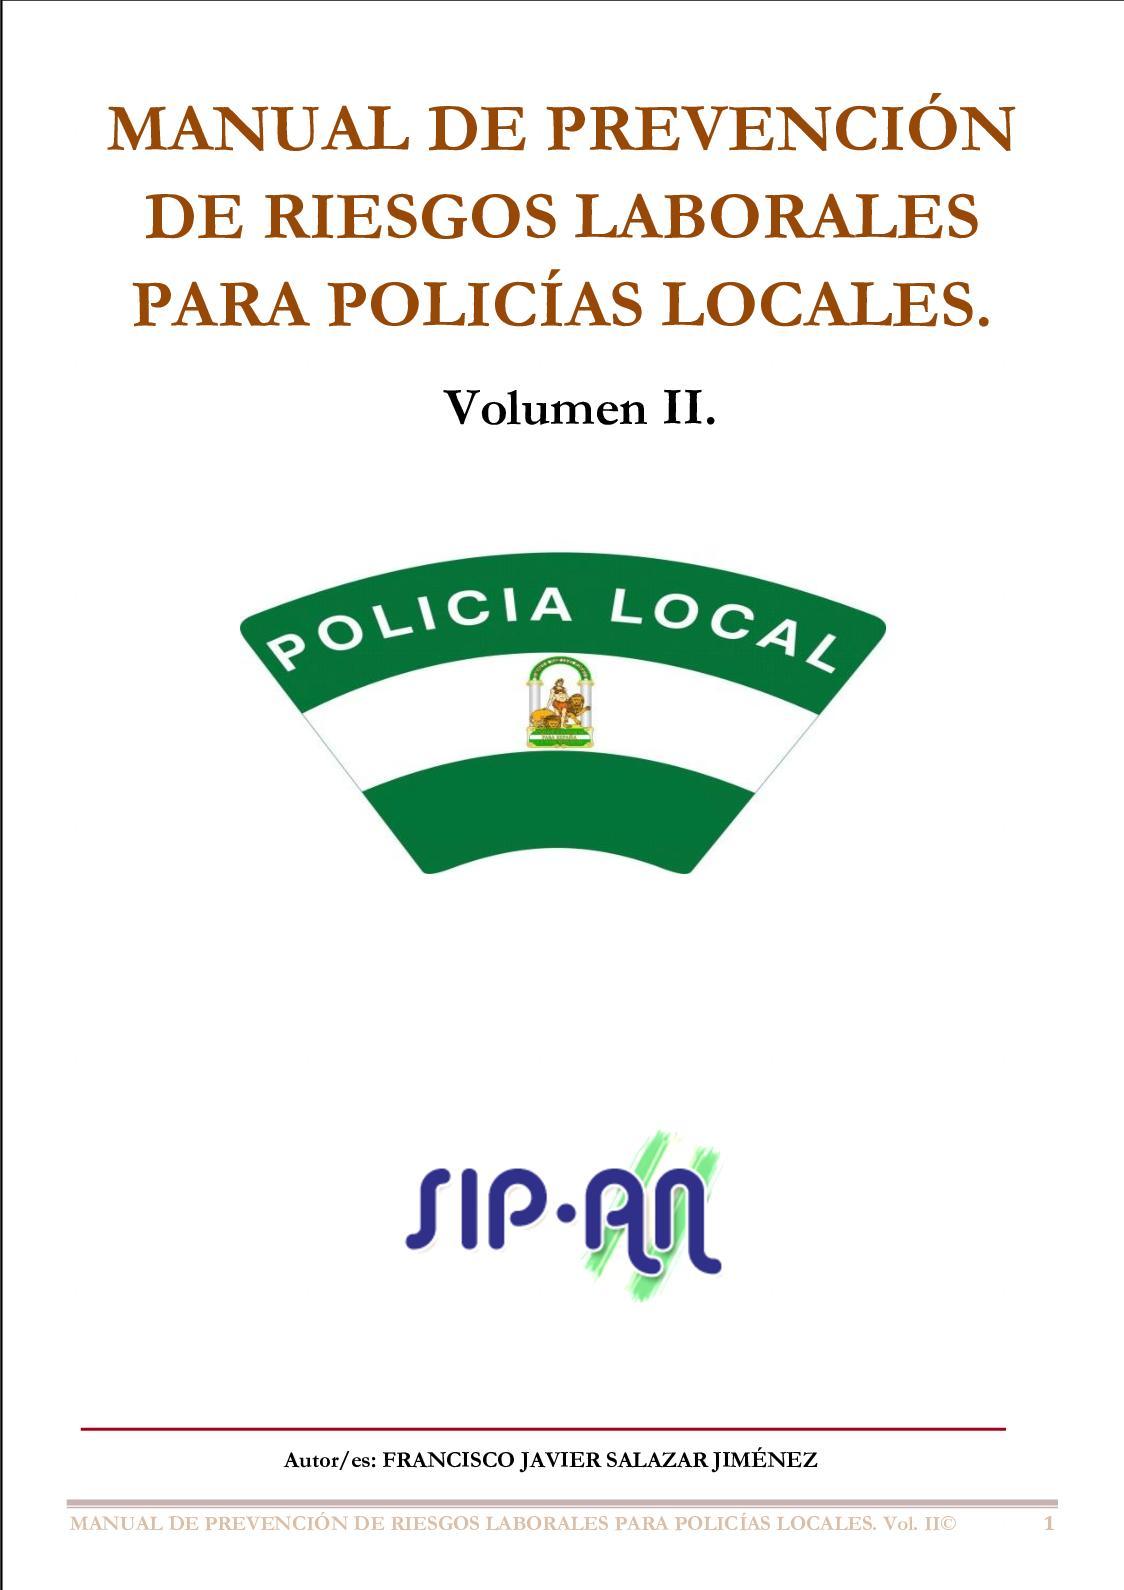 391 Manual De Prevención De Riesgos Laborales Para Policías Locales Vol Ii